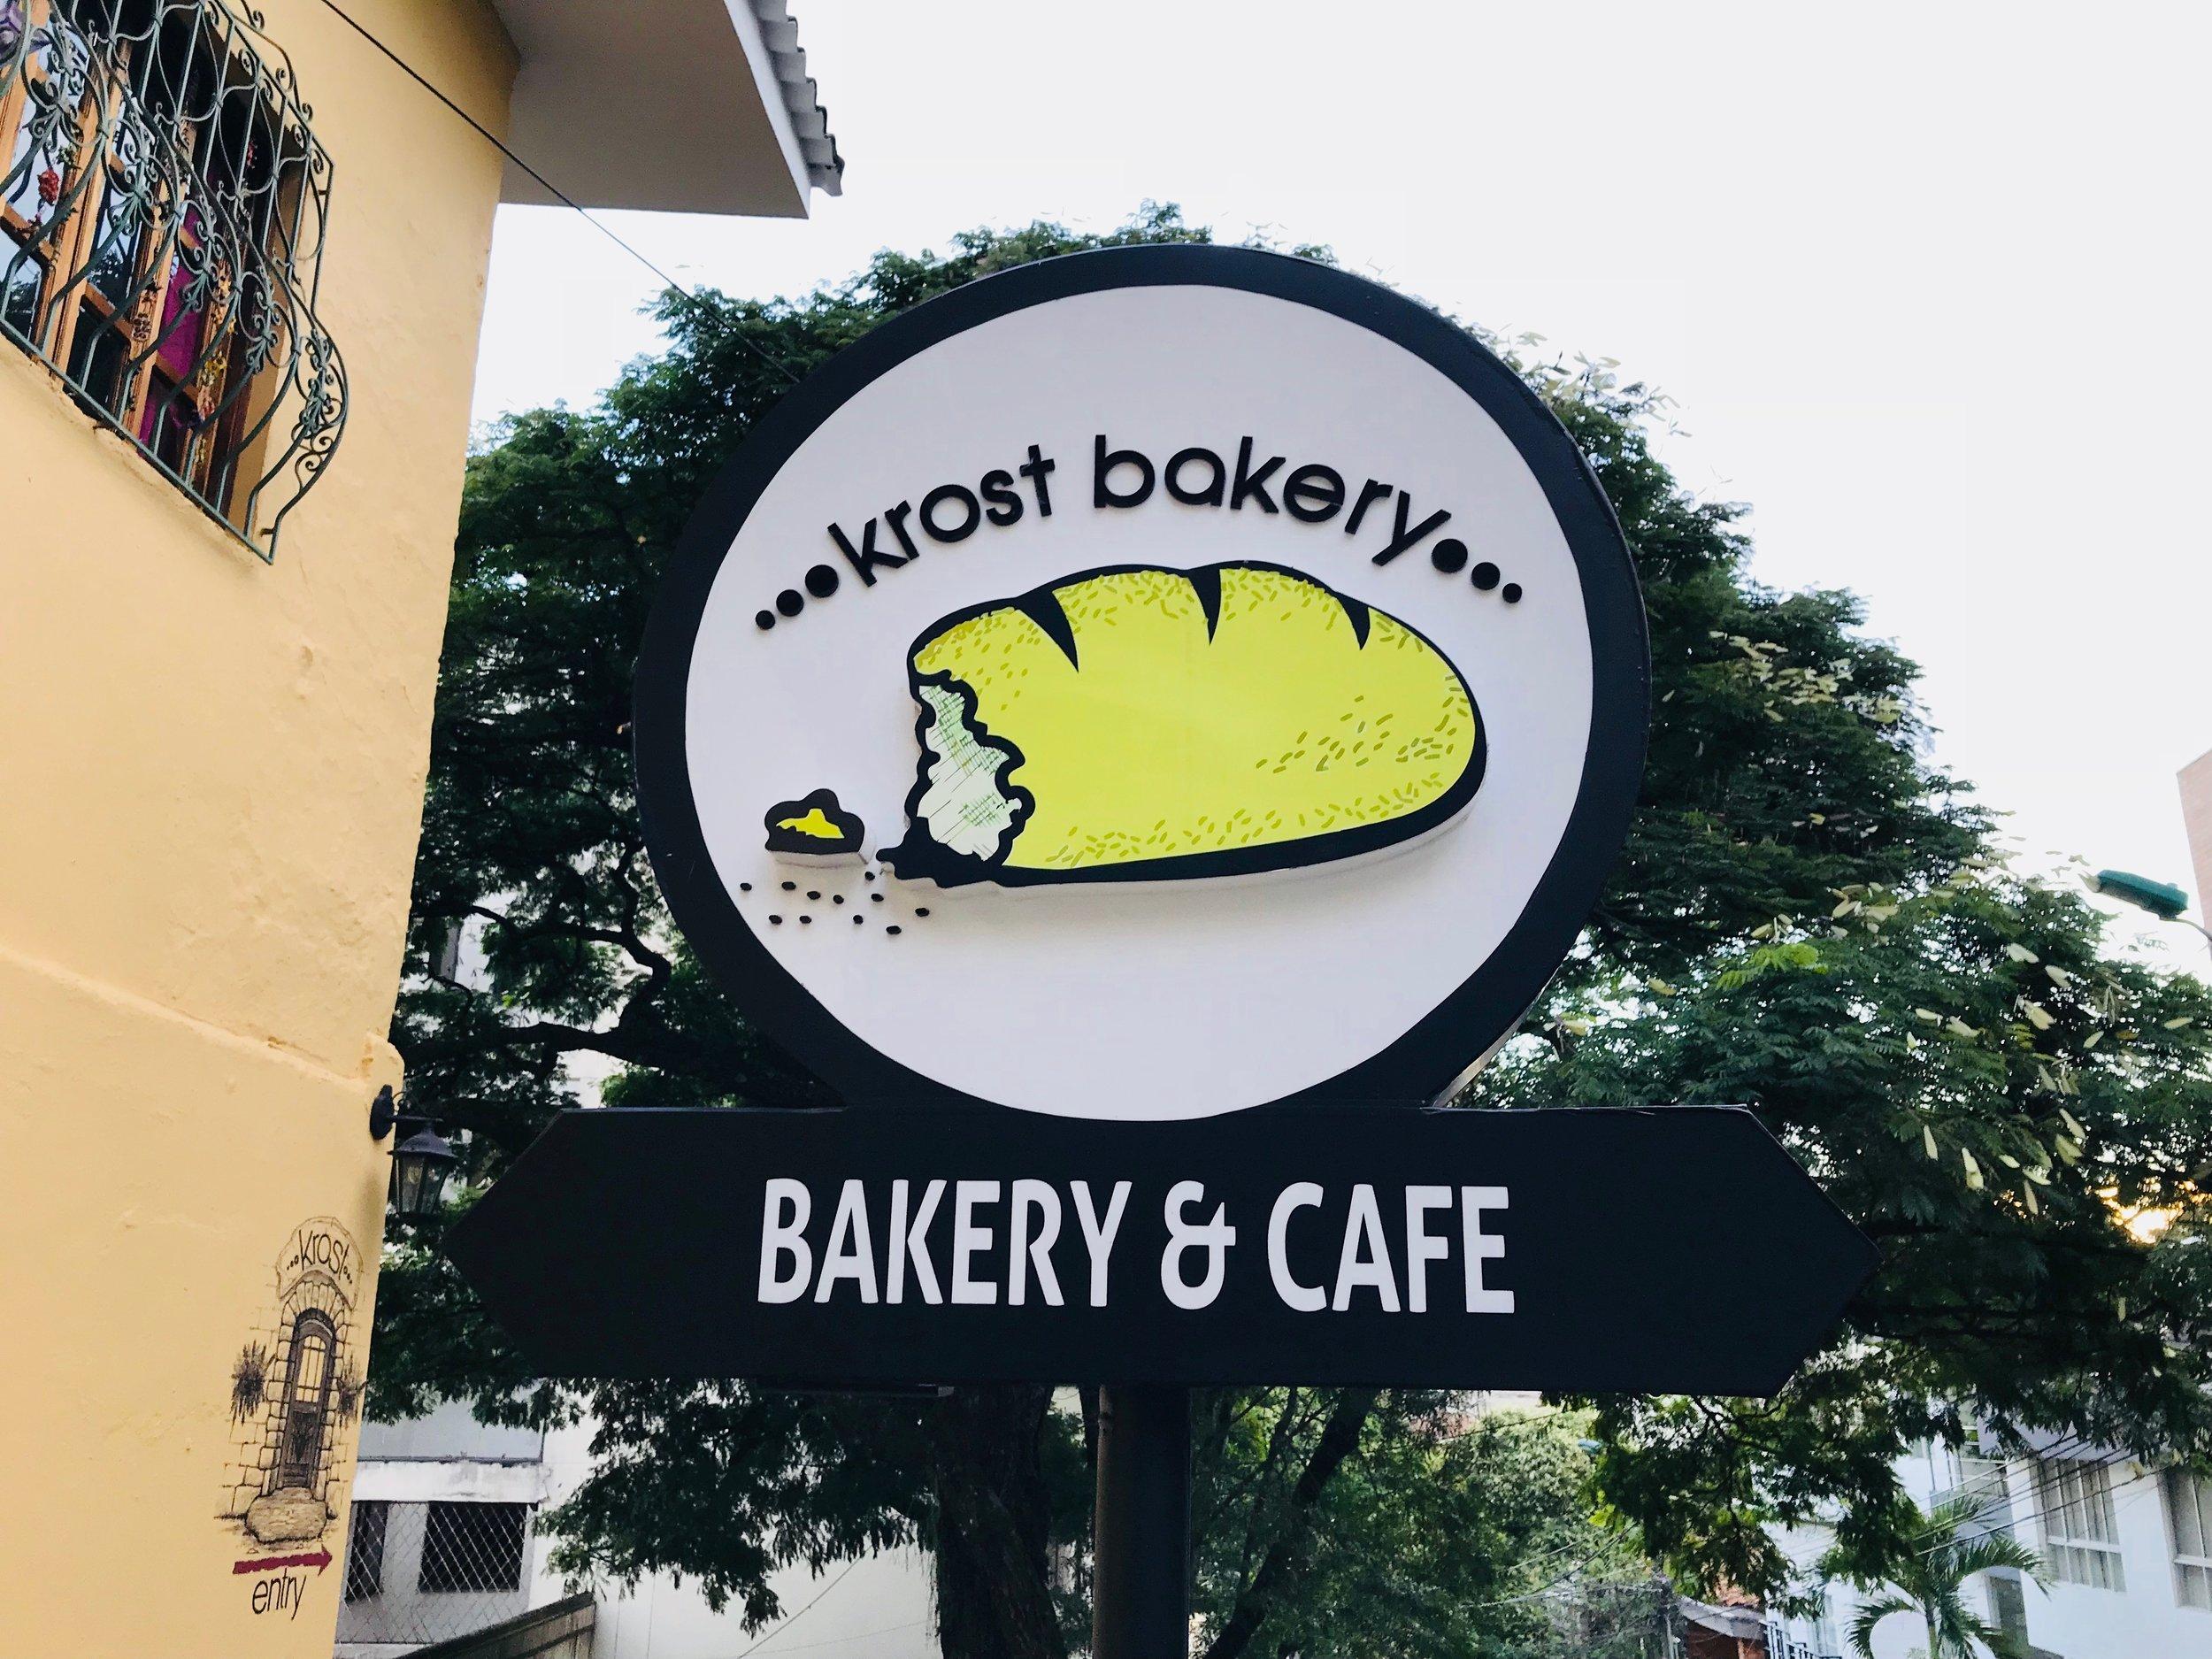 Krost Bakery   (El Peñon)  Krost es una deliciosa panadería donde hacen un exquisito parfait con Yogurt Griego Goa  Cra 3 A oeste no. 4 -41  tel. 4837730